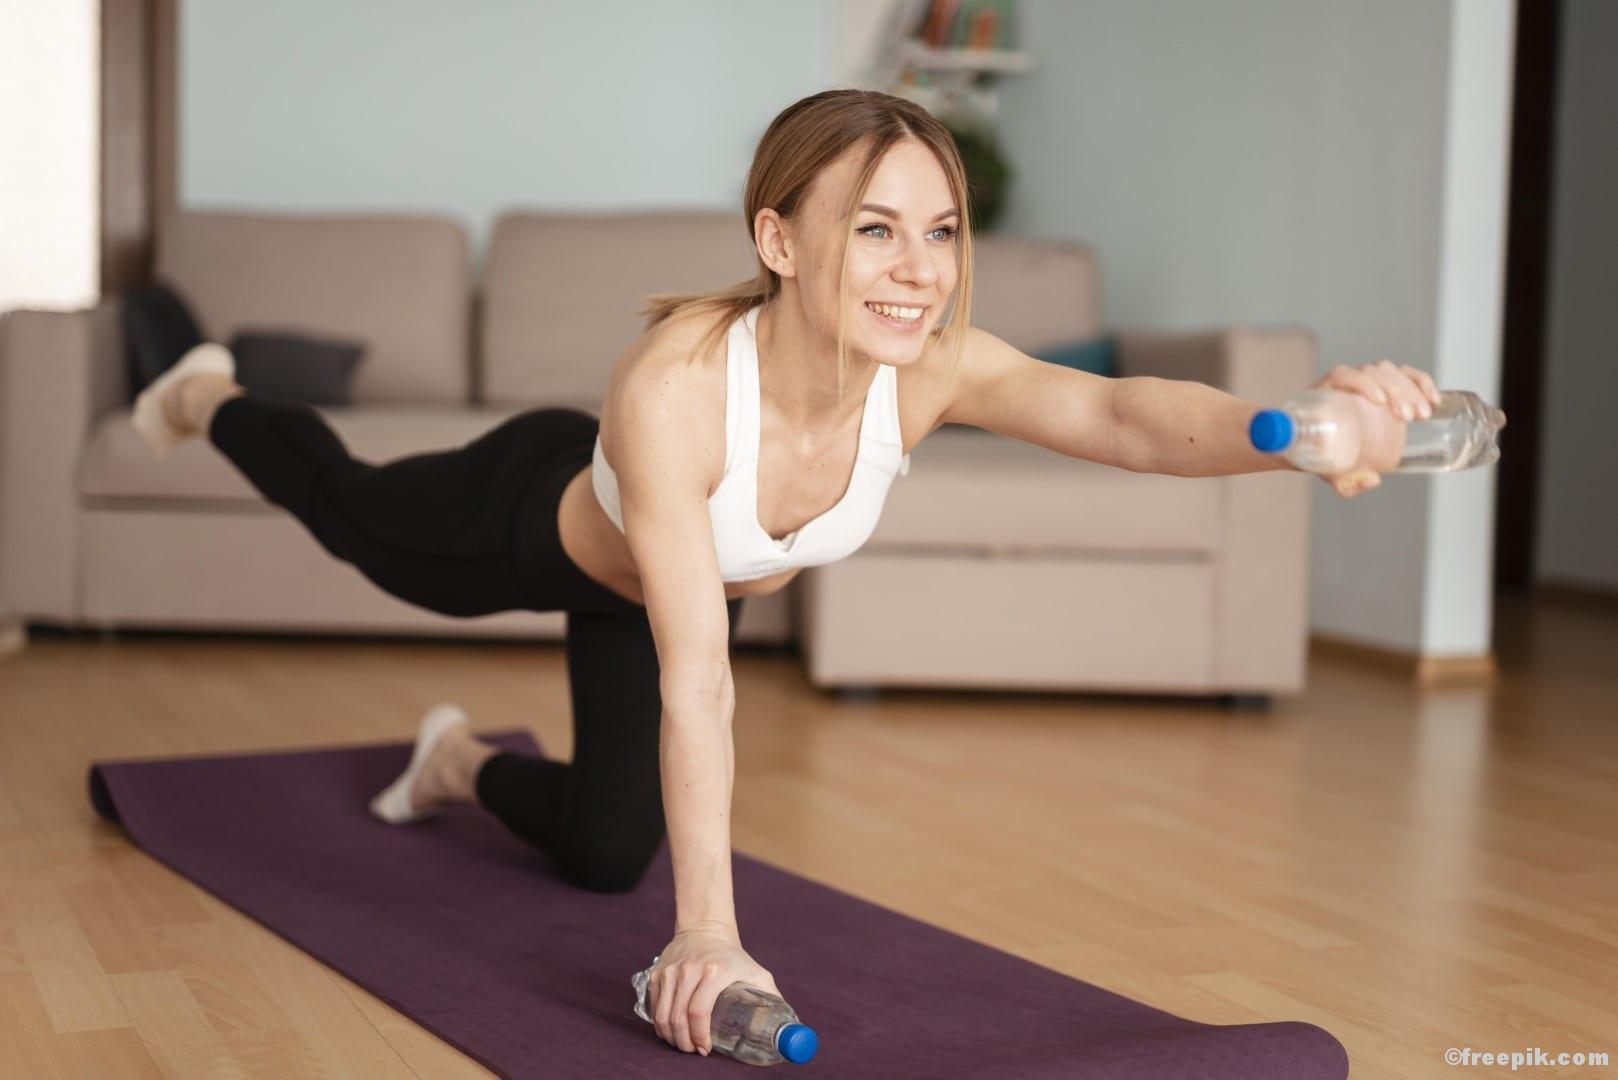 Brustwirbelsäule Problemzone Beweglichkeit Flexibilität Mobilisation Training